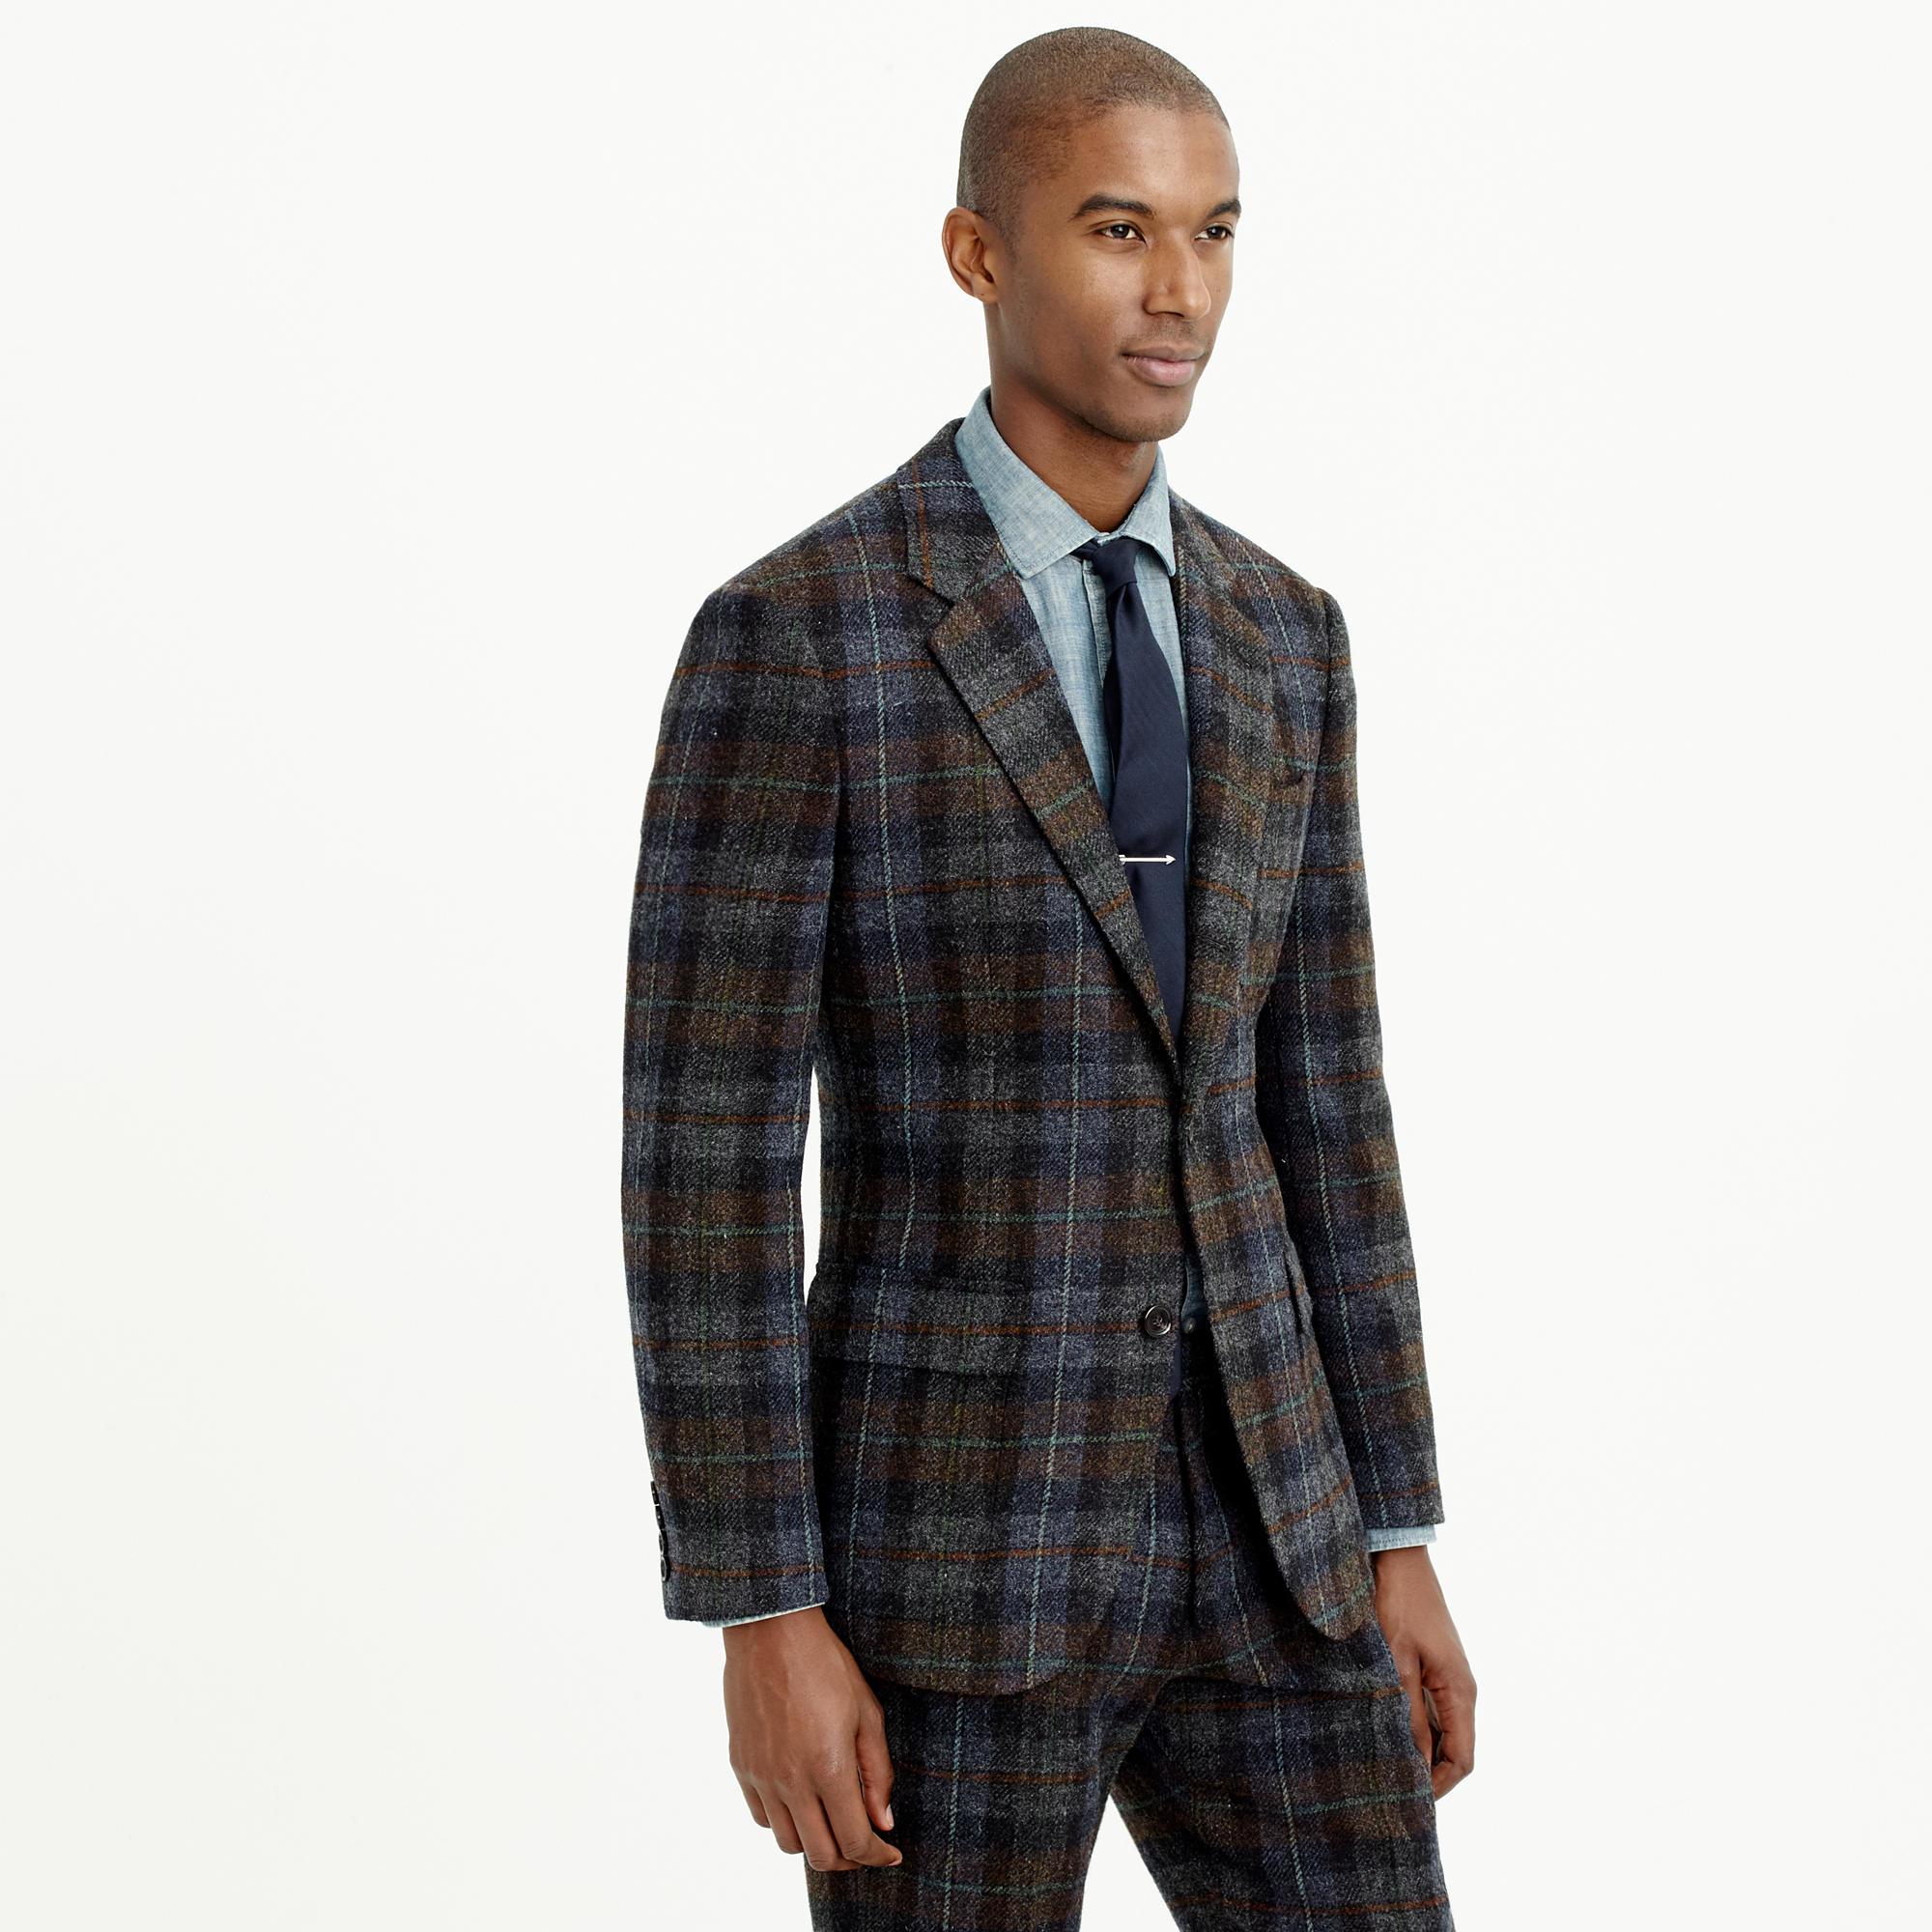 Crew Ludlow Suit Jacket In Herringbone Italian Linen Silk